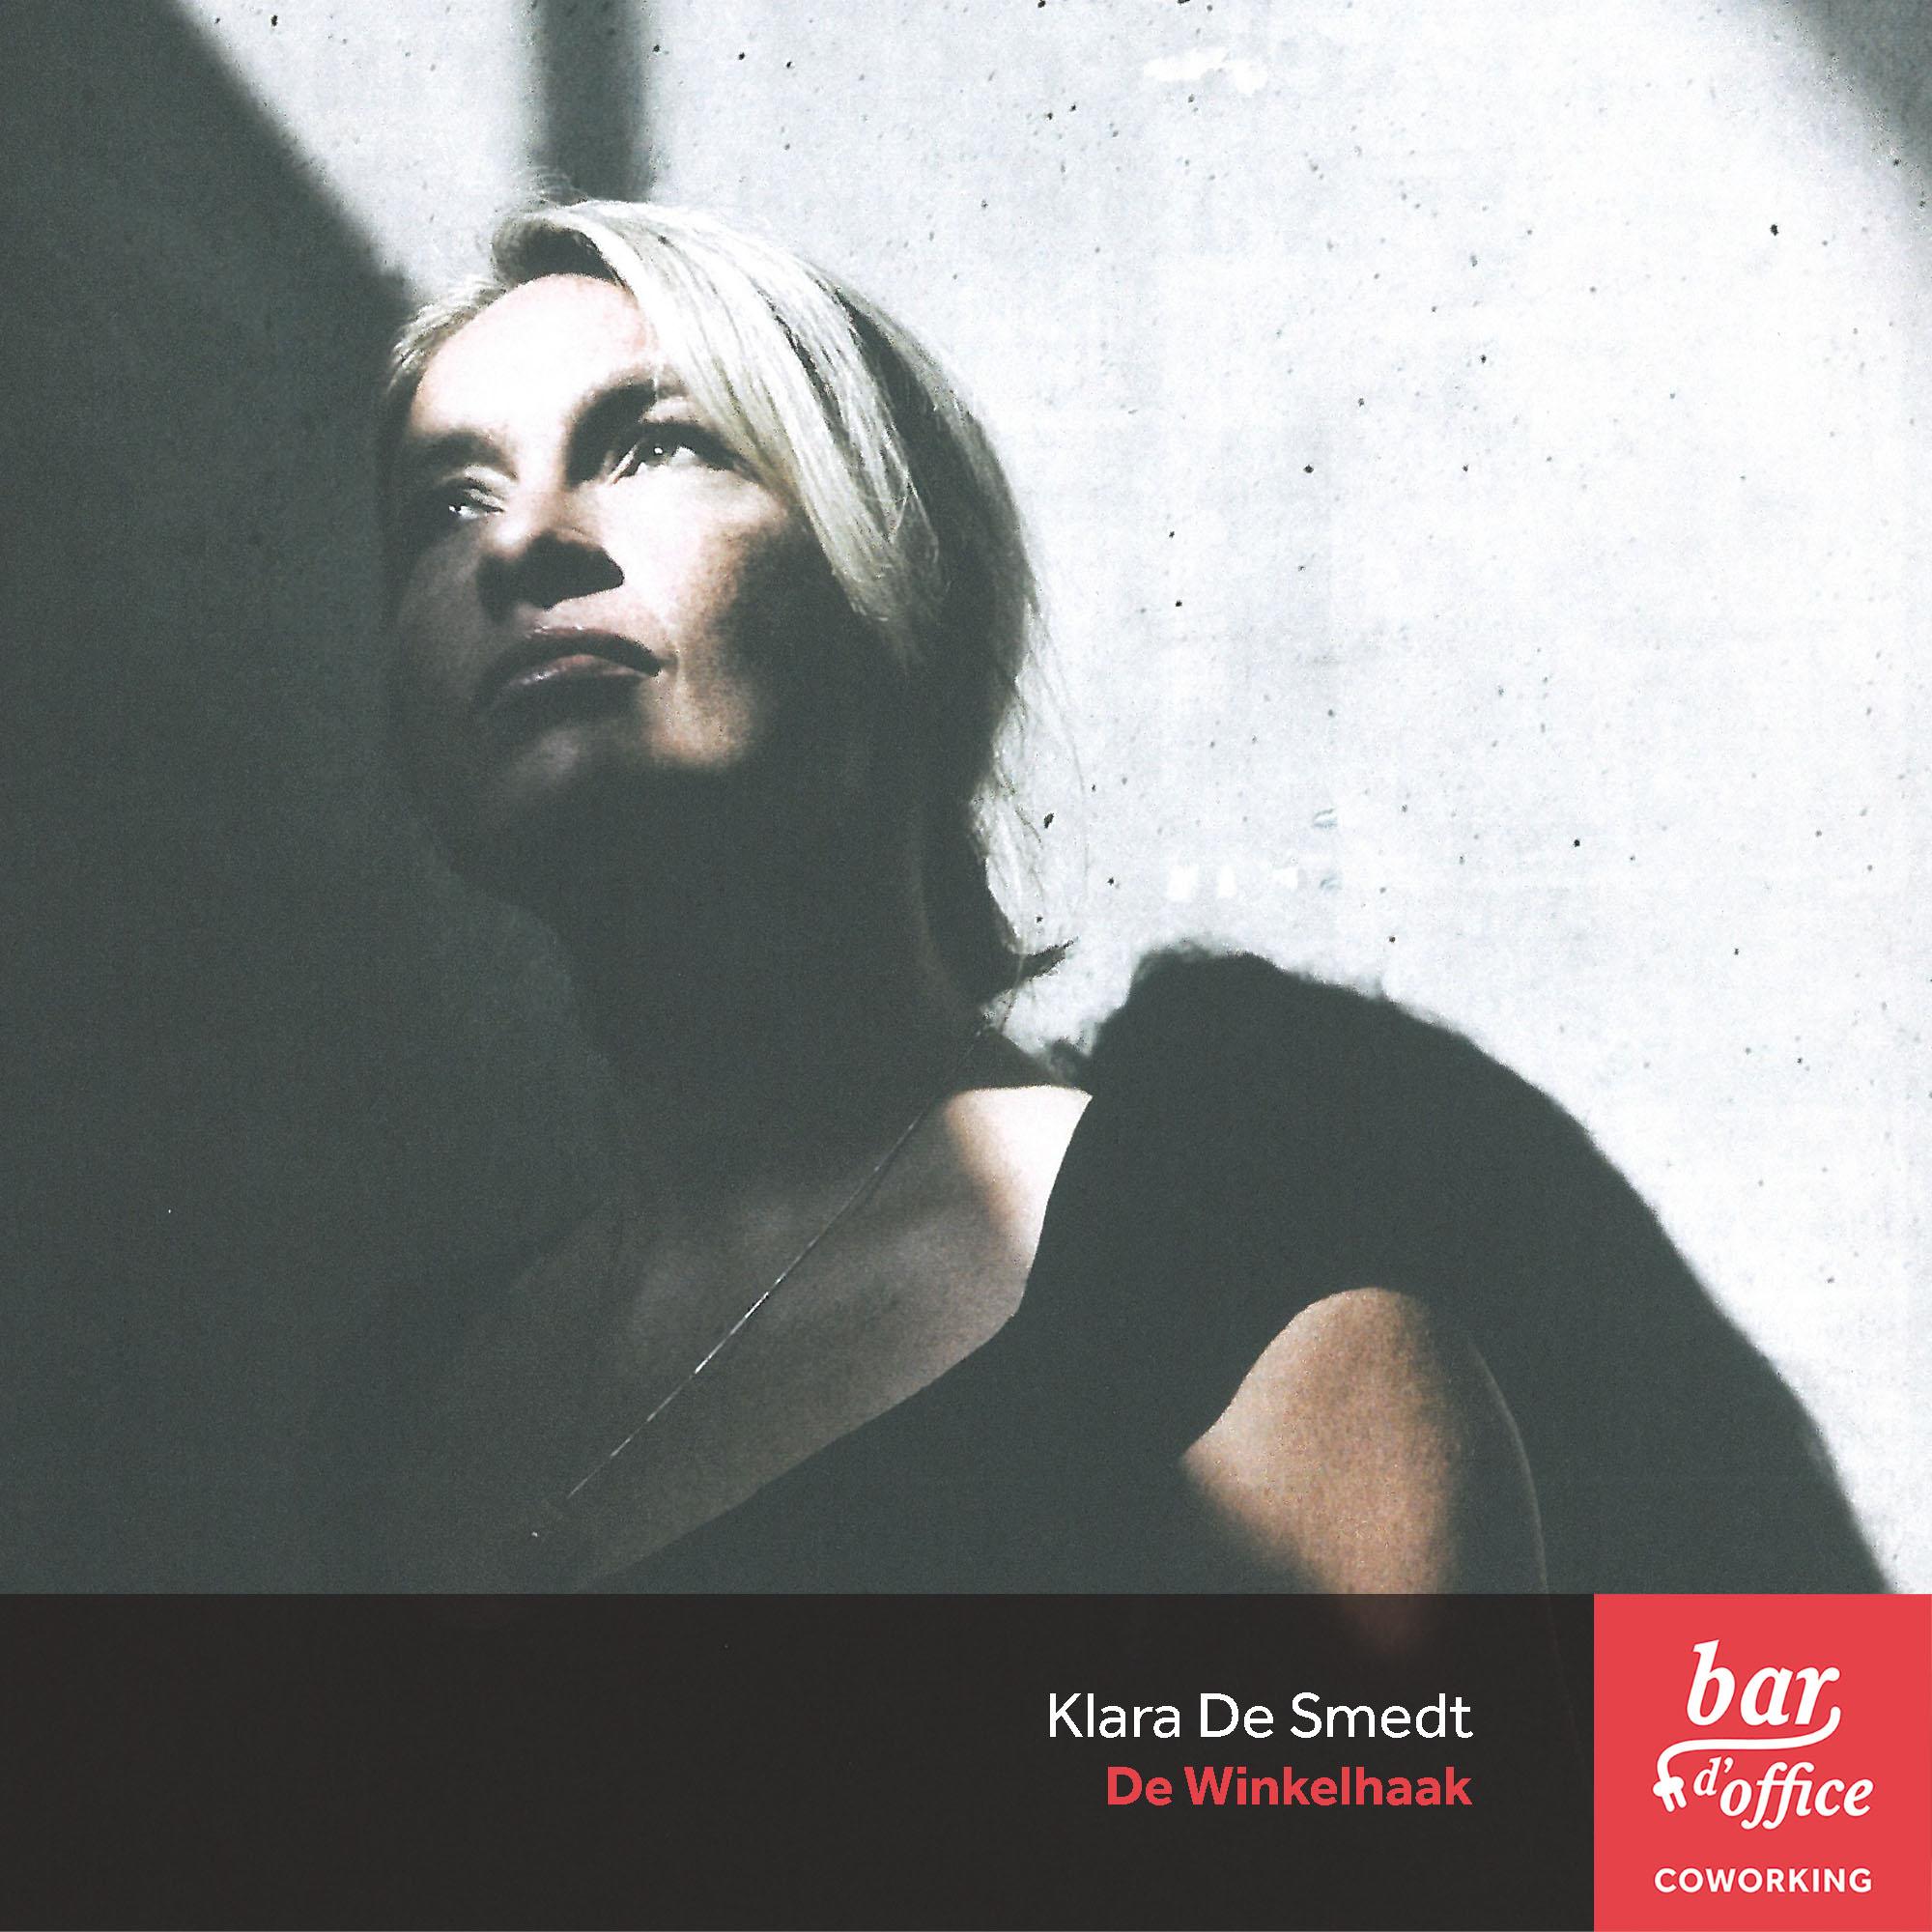 Klara De Smedt